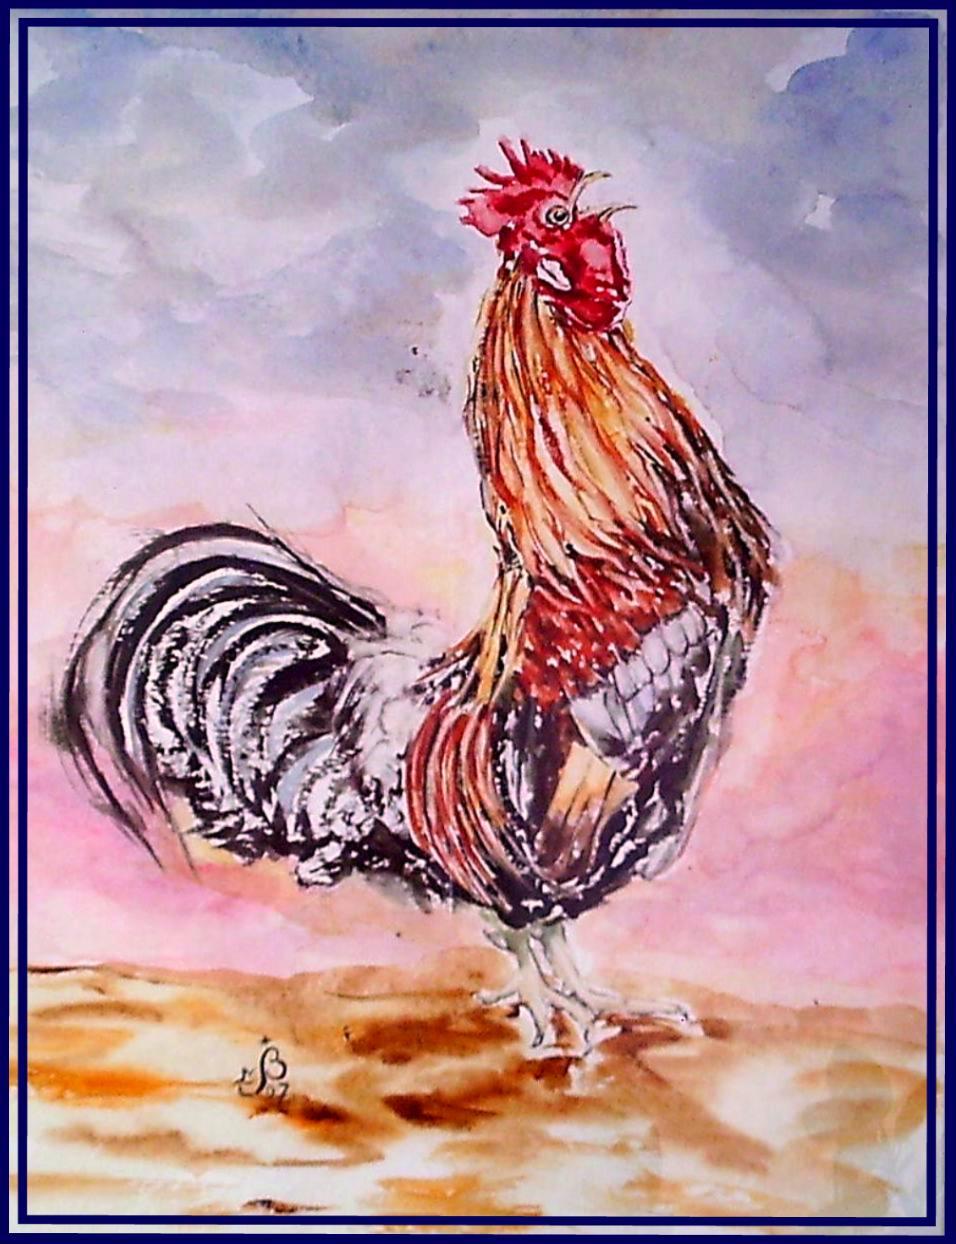 Coq chanteur